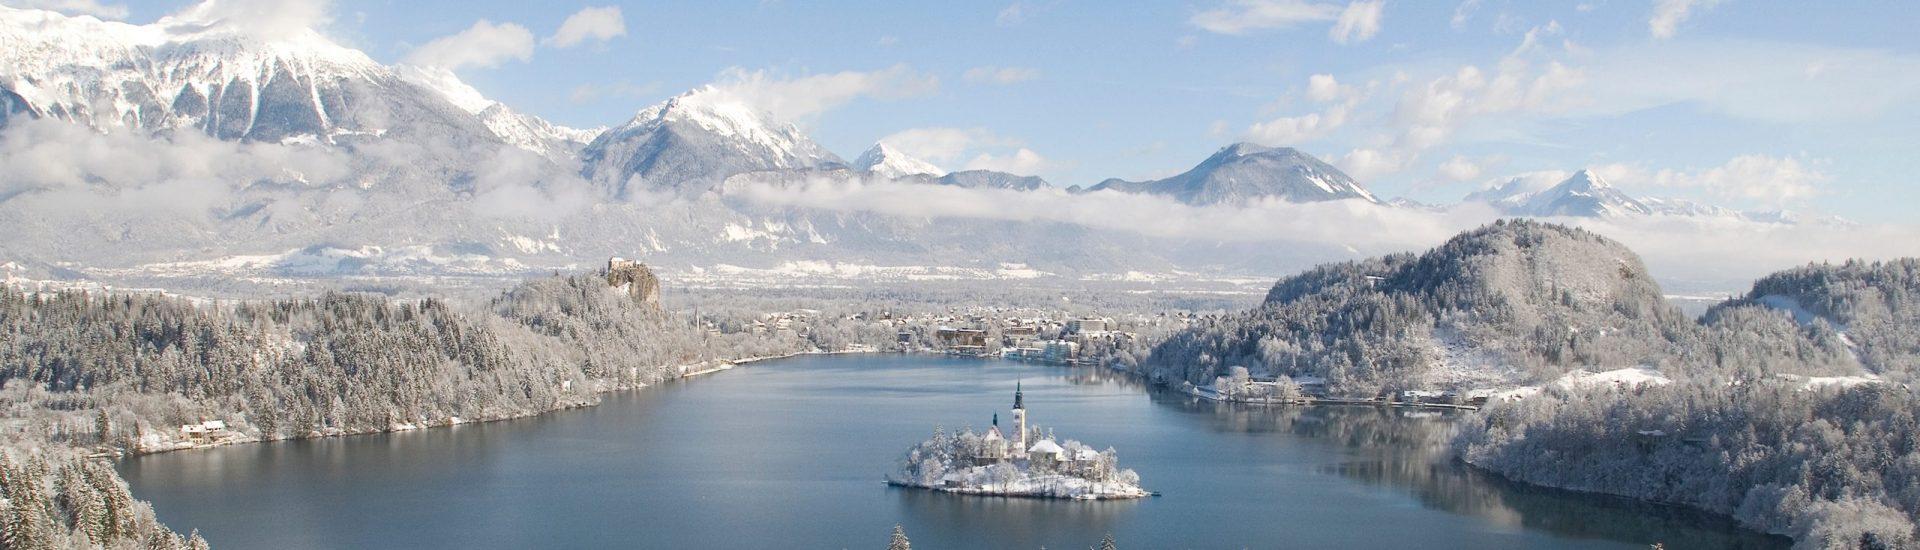 Donde viajar en invierno Europa